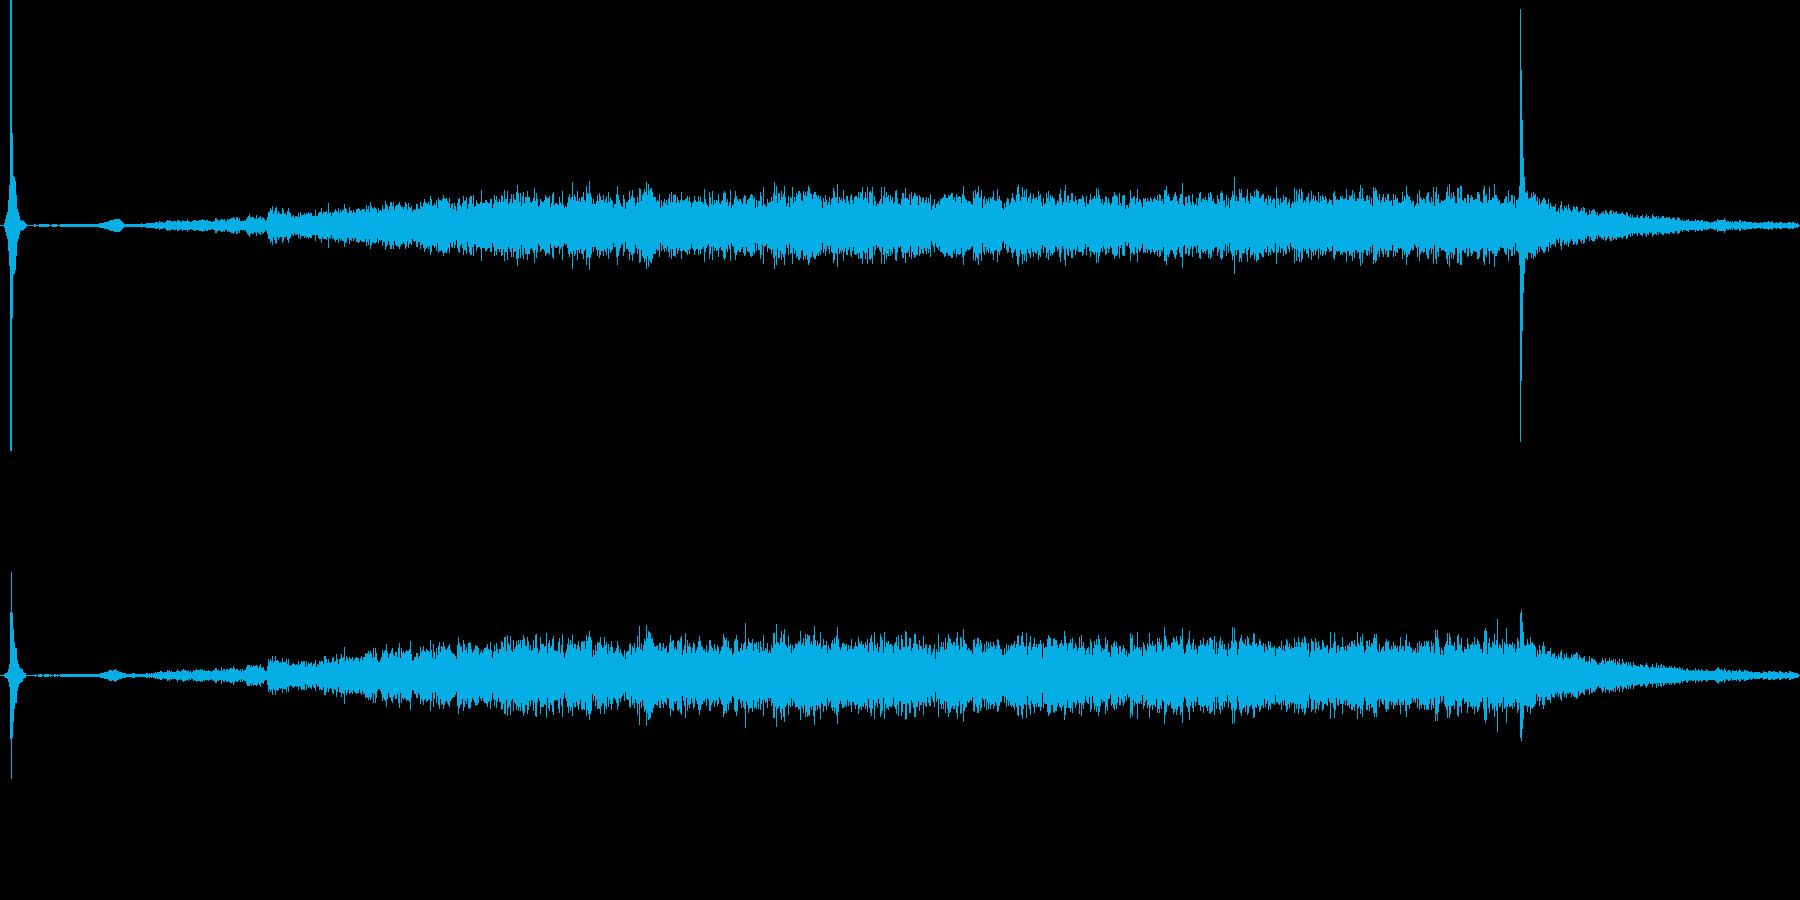 換気扇の音の再生済みの波形